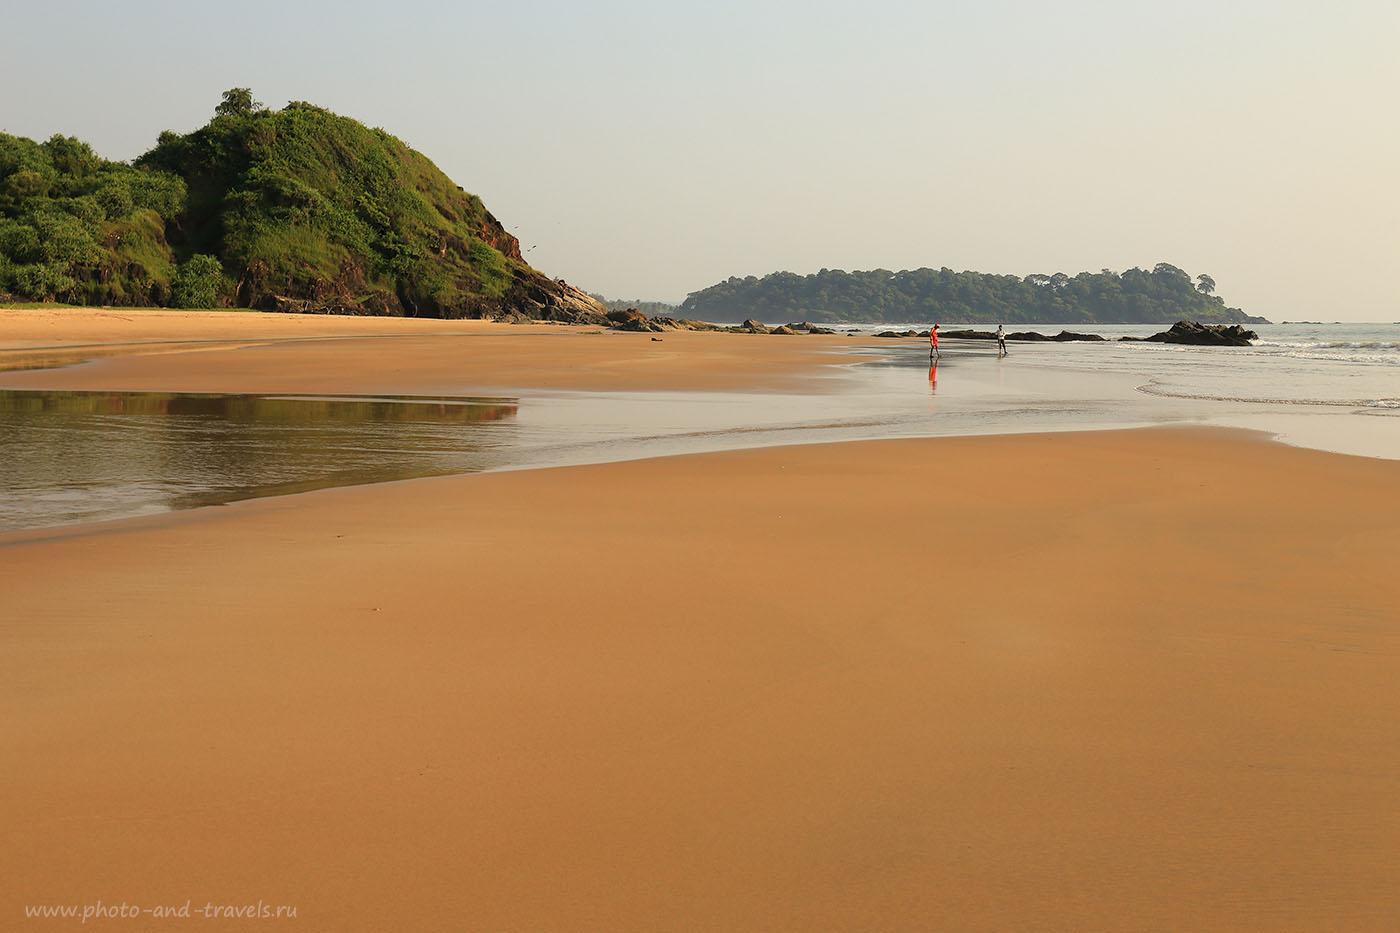 Фотография 27. Две фигуры на пляже Патнем. Рассказы туристов про отдых на Гоа самостоятельно. Отчет о поездке в Индию (24-70, 1/80, 0eV, f9, 41mm, ISO 100)